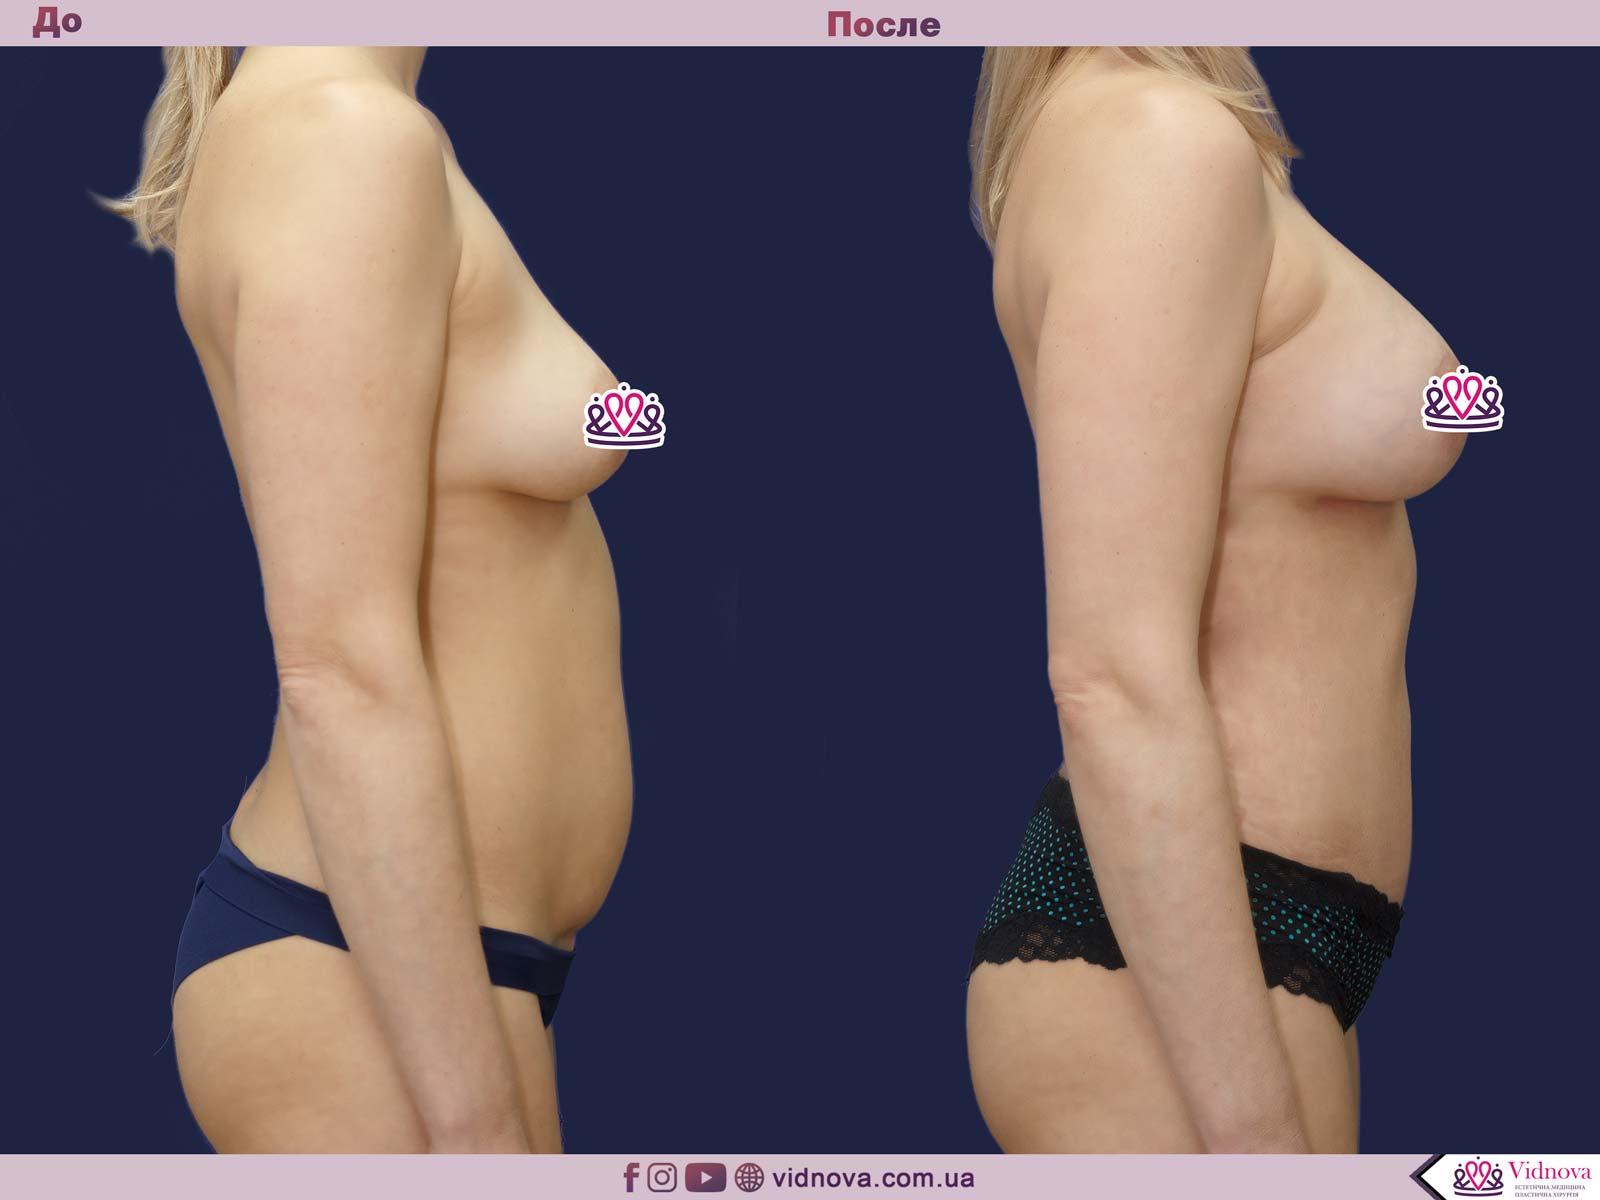 Пластика груди: результаты до и после - Пример №32-2 - Светлана Работенко